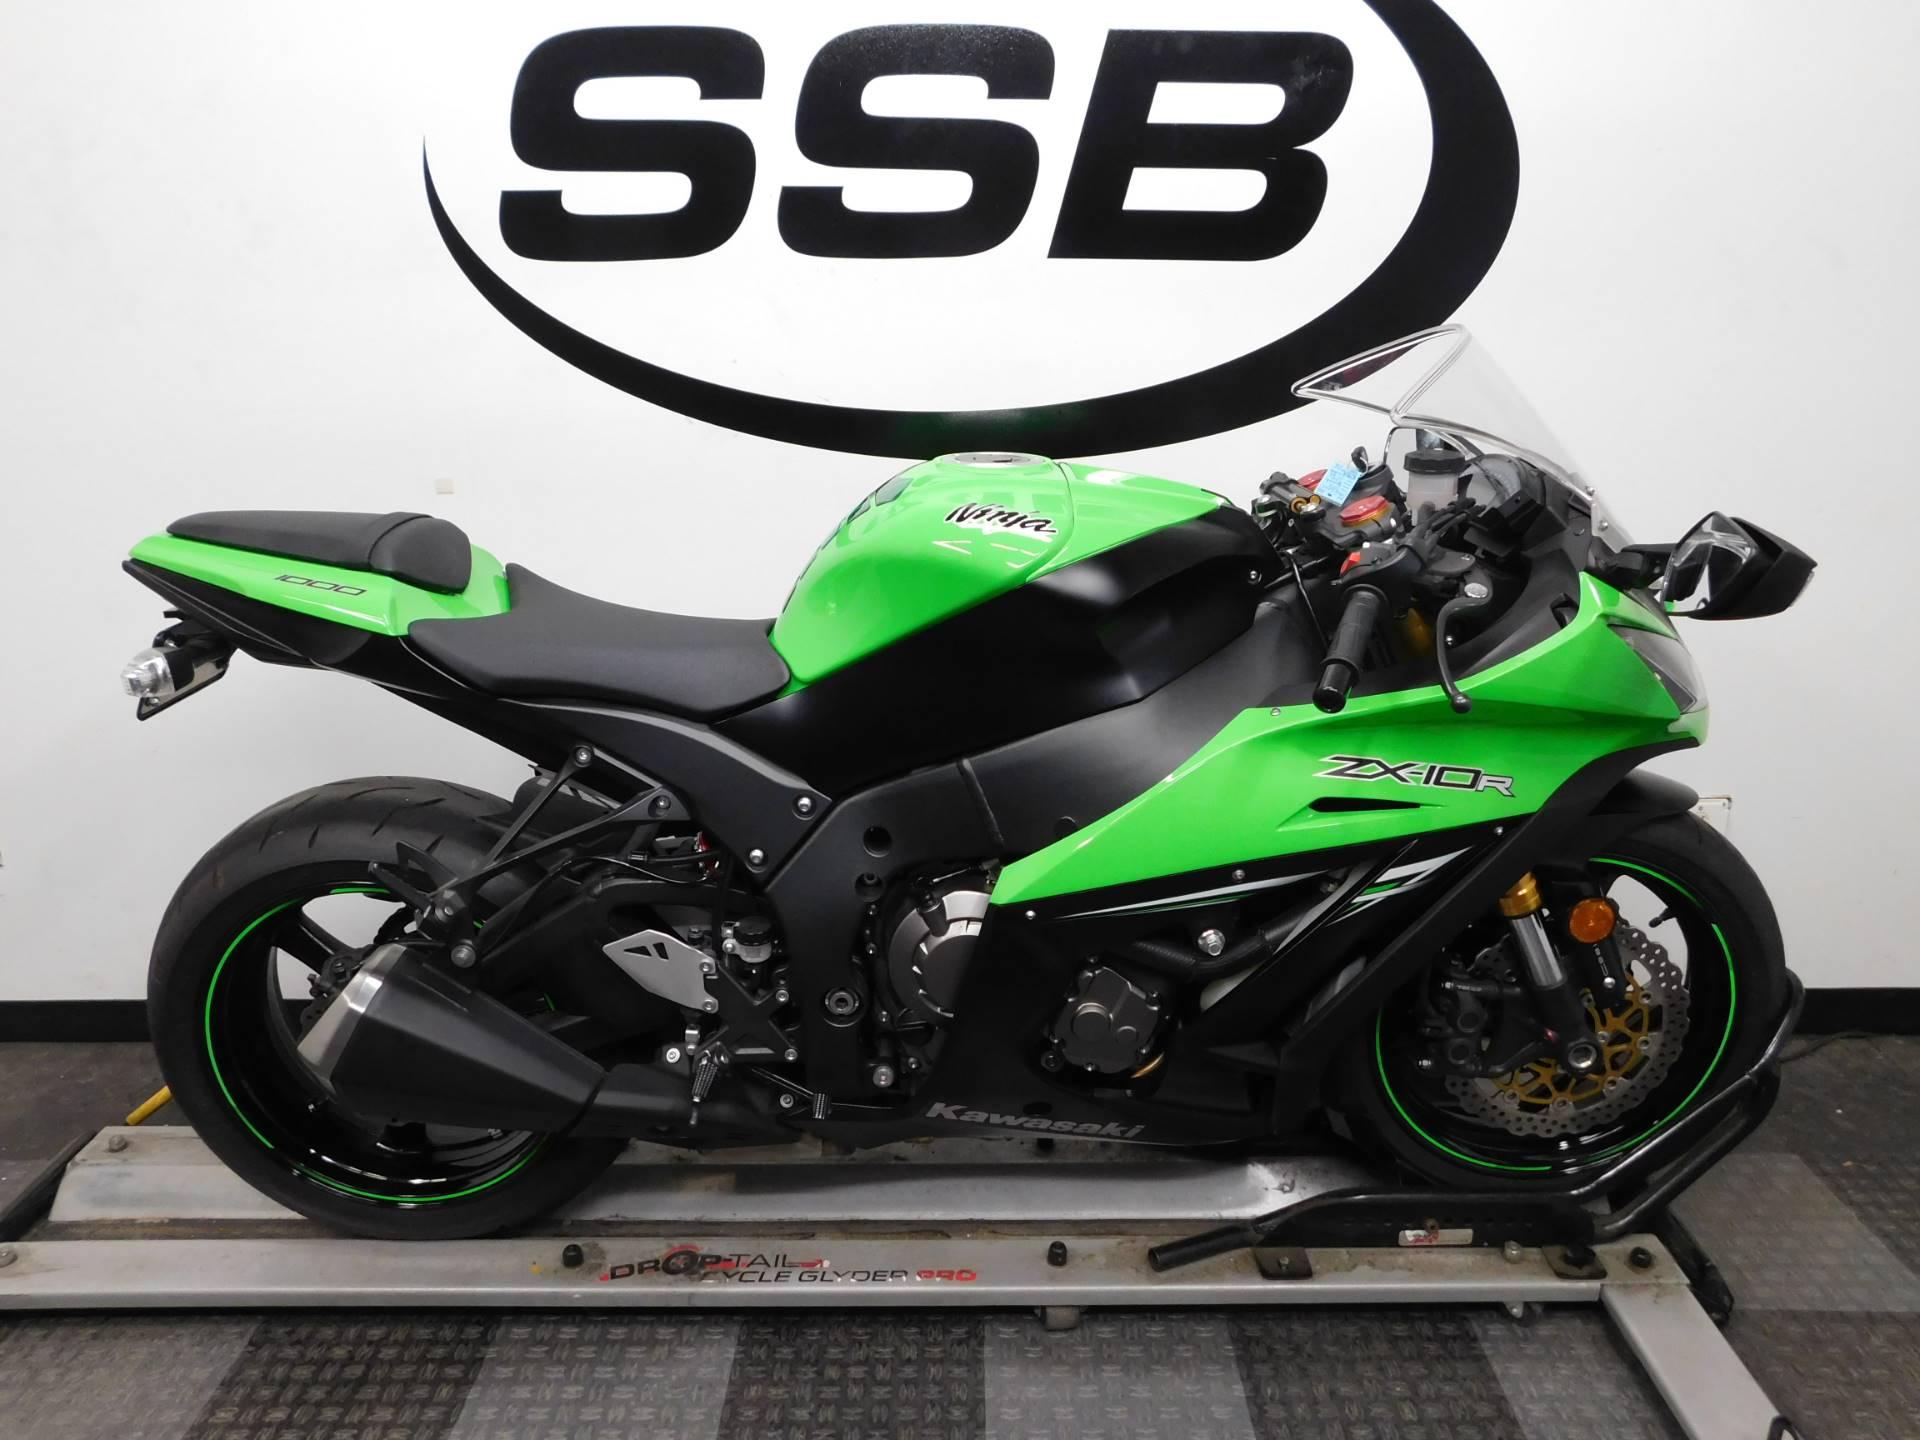 Used 2014 Kawasaki Ninja Zx 10r Abs Motorcycles In Eden Prairie